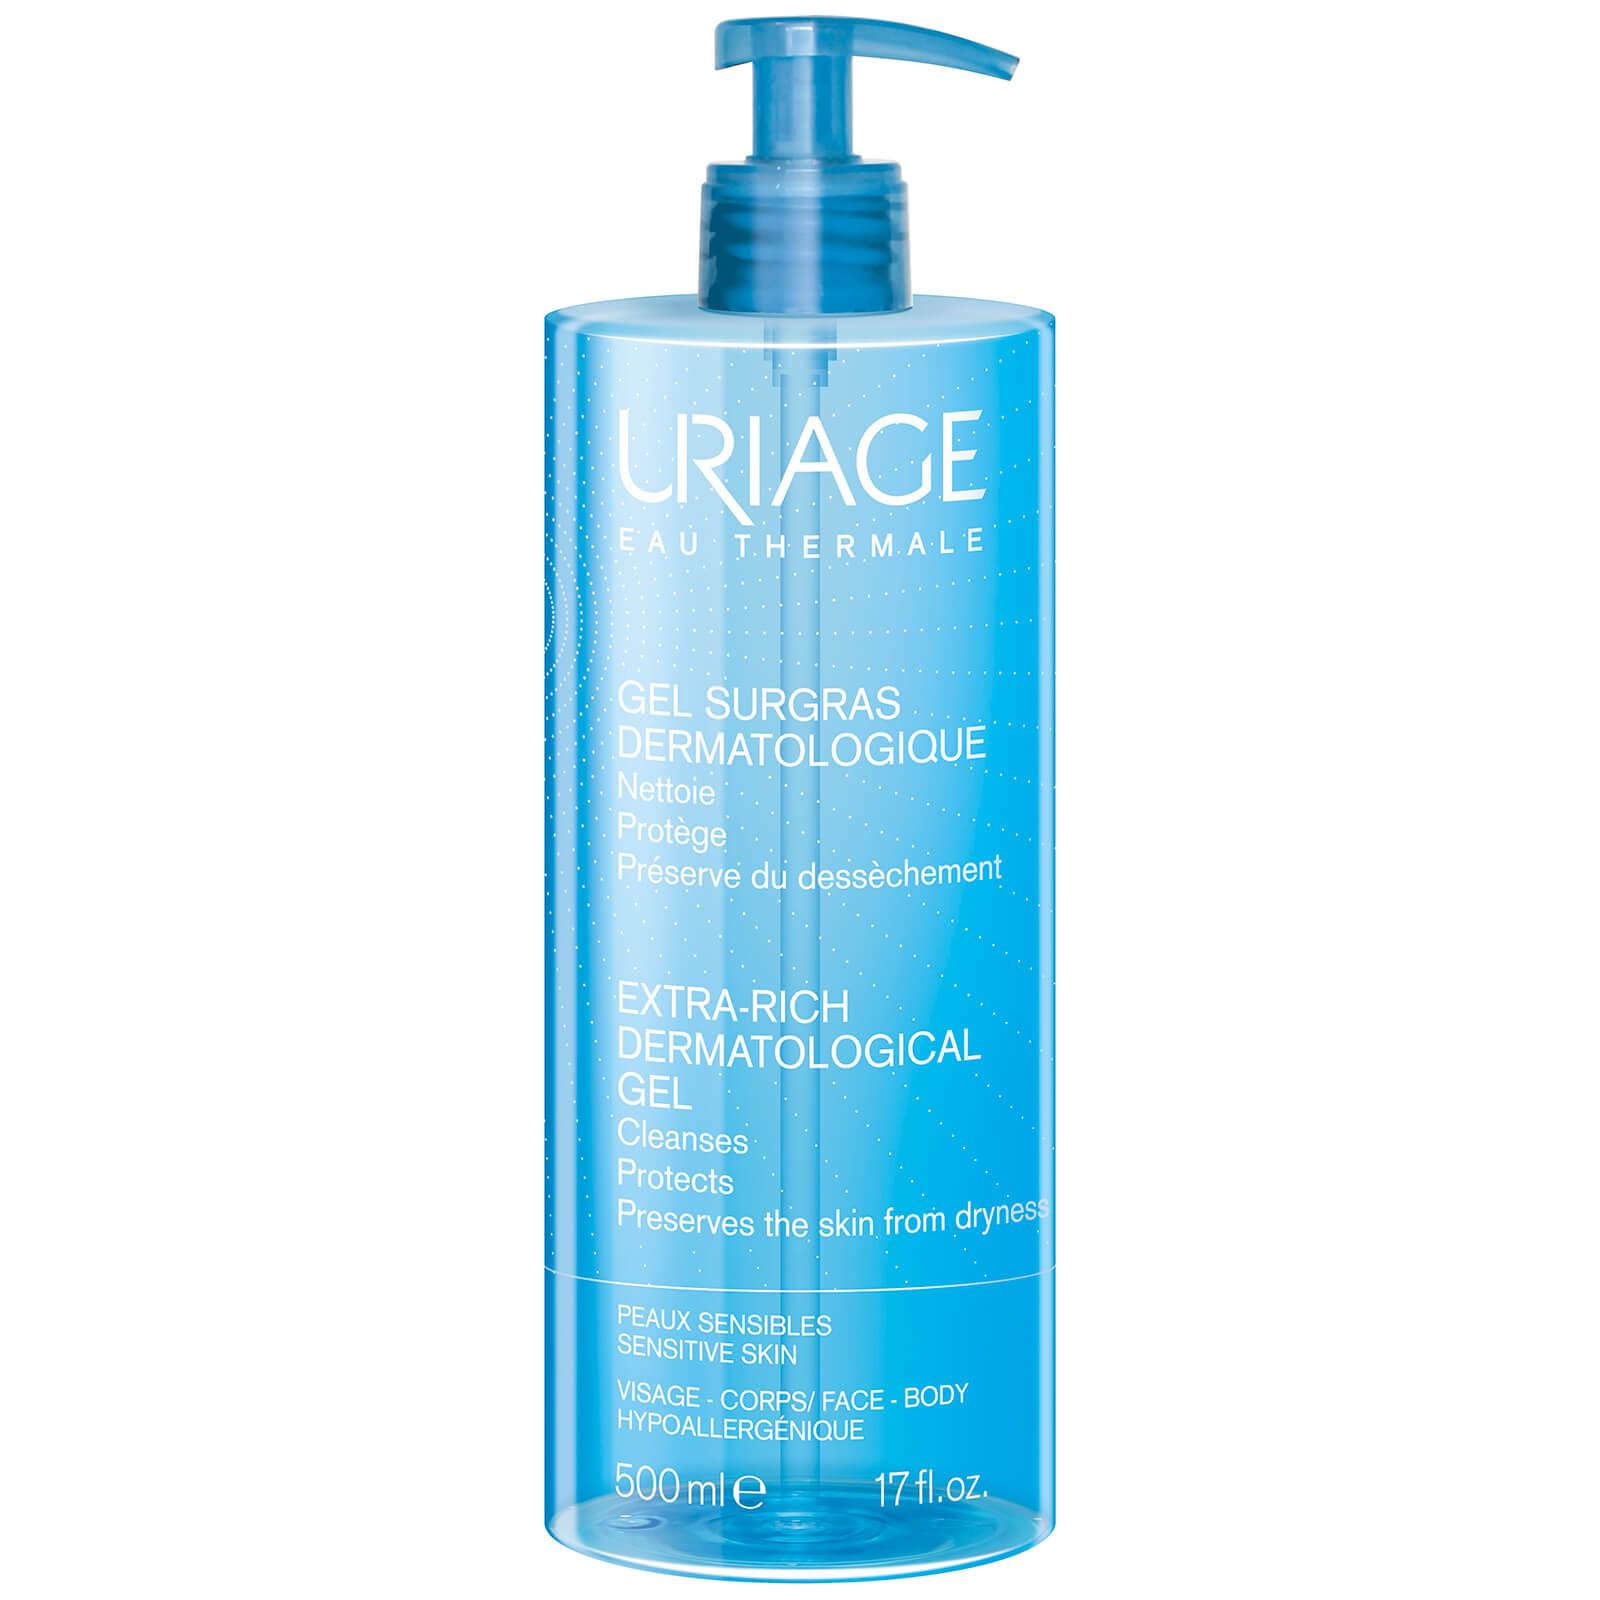 uriage-surgras-cleansing-gel-400ml-kuwait-online